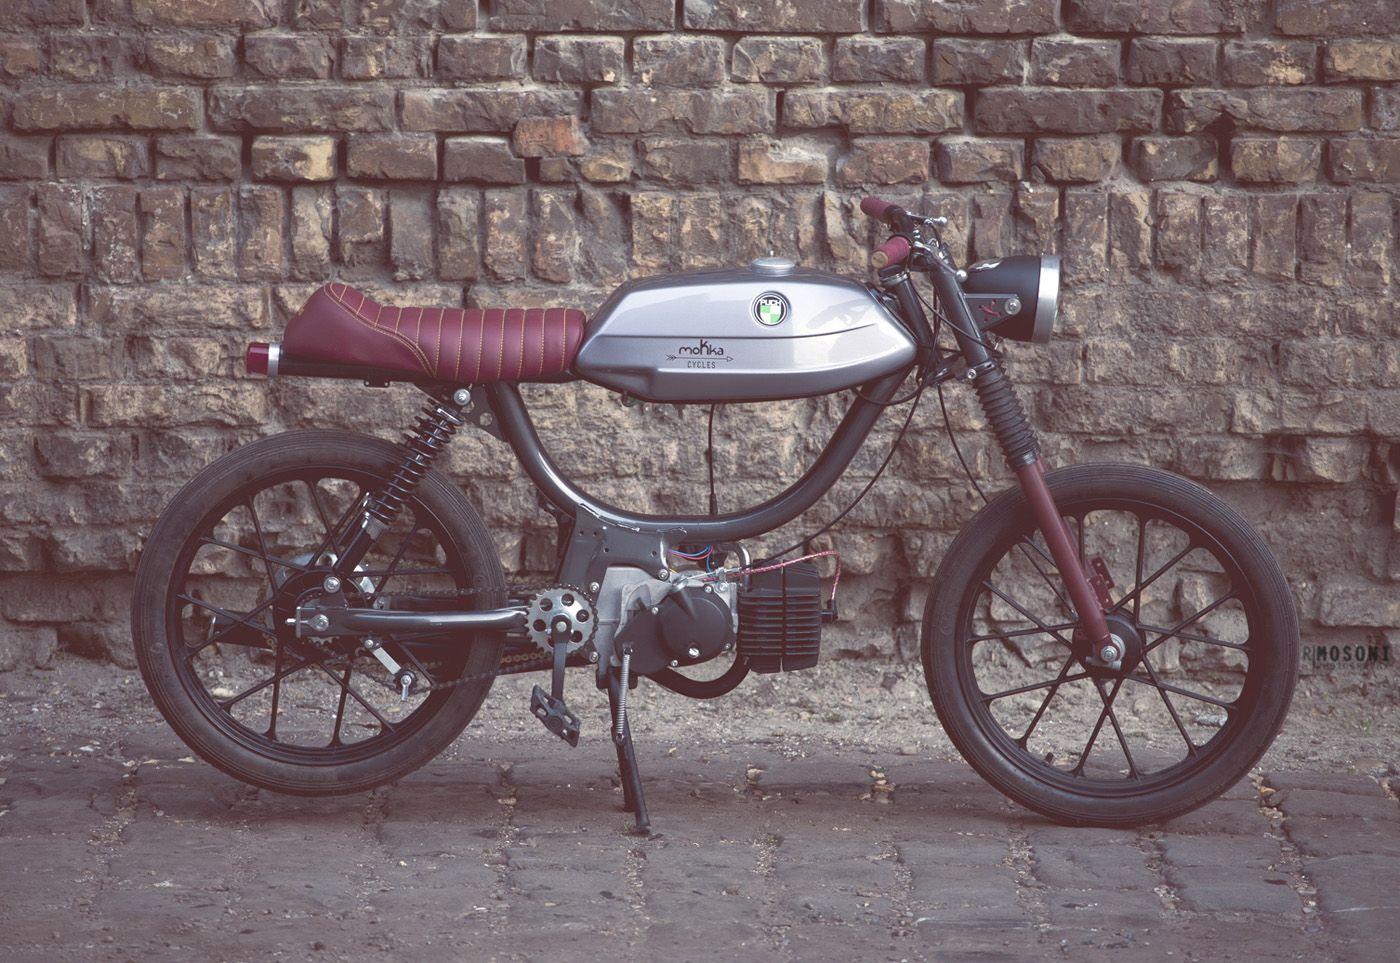 moped caferacer frame google search vehicles vintage. Black Bedroom Furniture Sets. Home Design Ideas